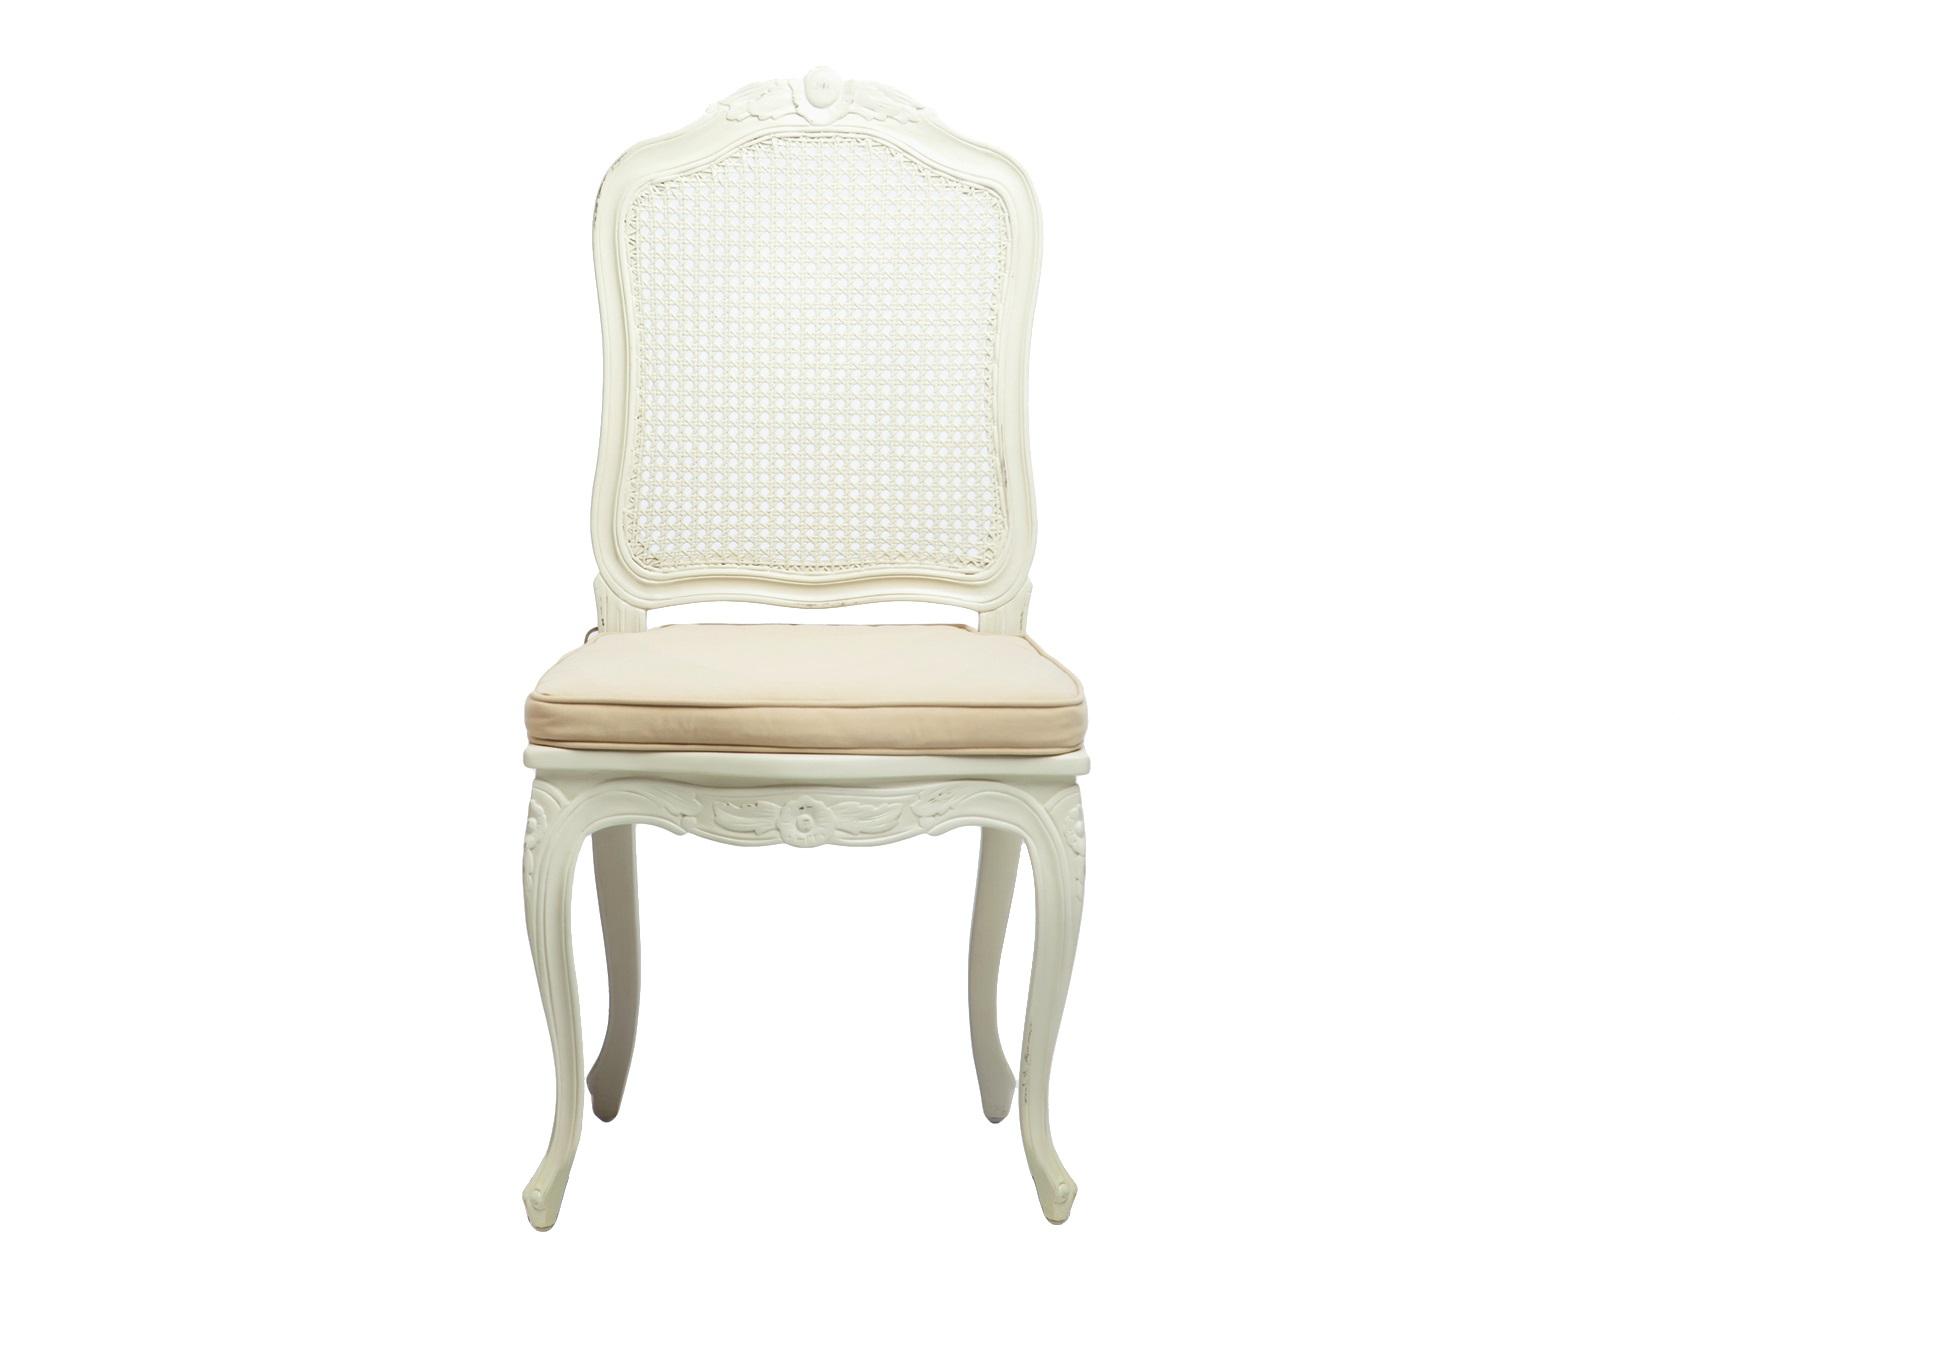 Стул АгатаОбеденные стулья<br>Стул с ротанговой спинкой в стиле прованс, с резьбой ручной работы и старением. Сиденье со съемным чехлом.<br><br>Material: Красное дерево<br>Width см: 49<br>Depth см: 50<br>Height см: 102